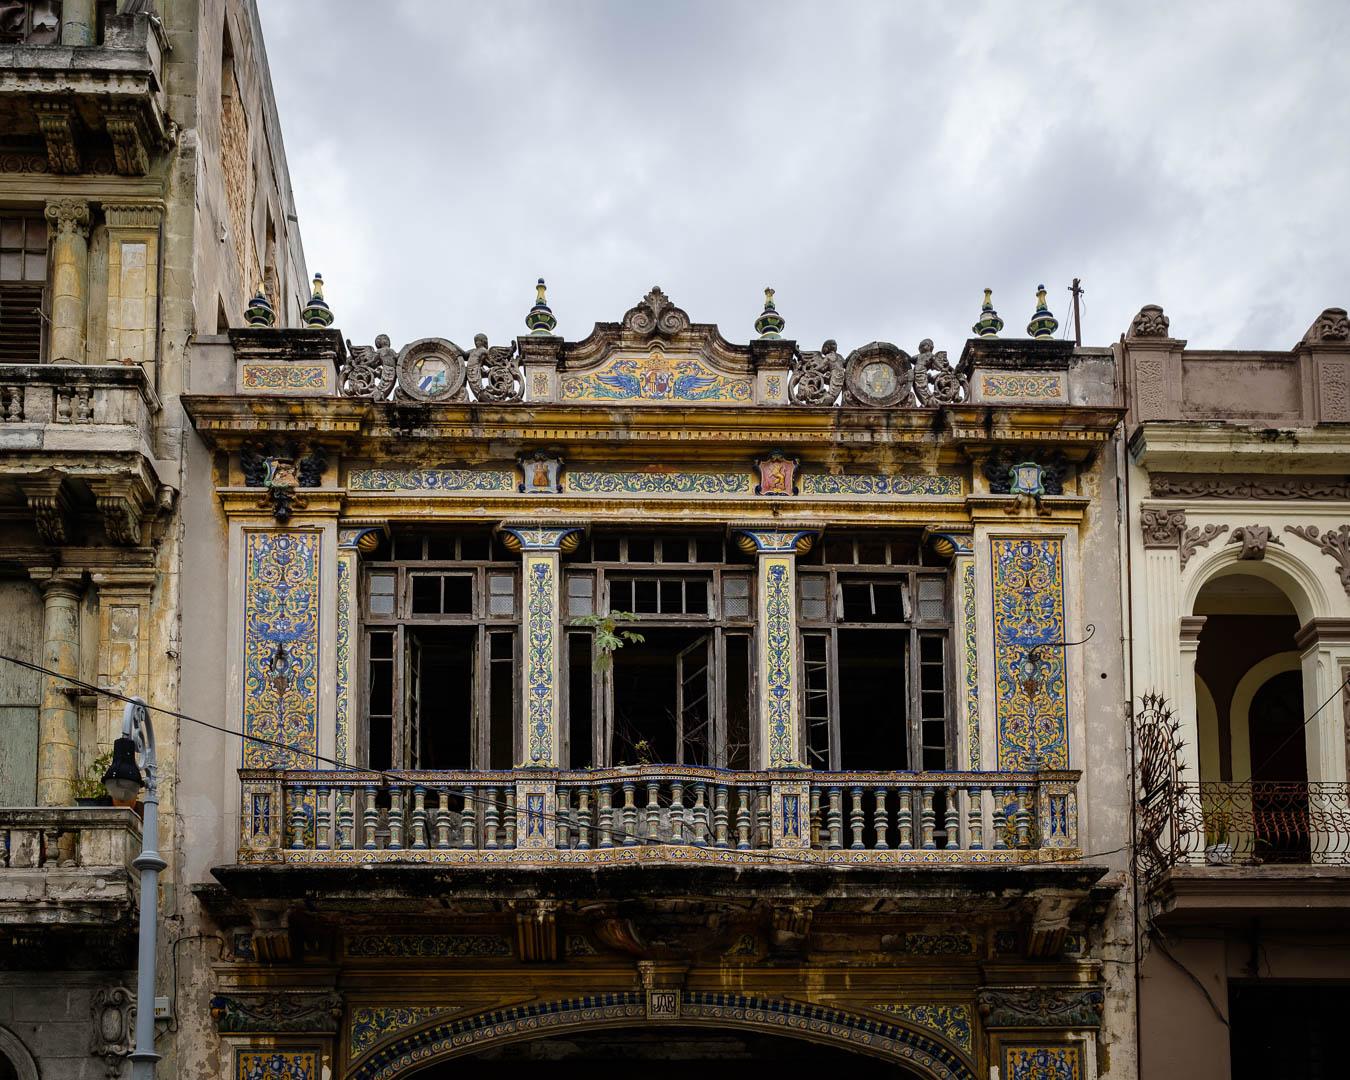 180427-Havana-107-1080.jpg